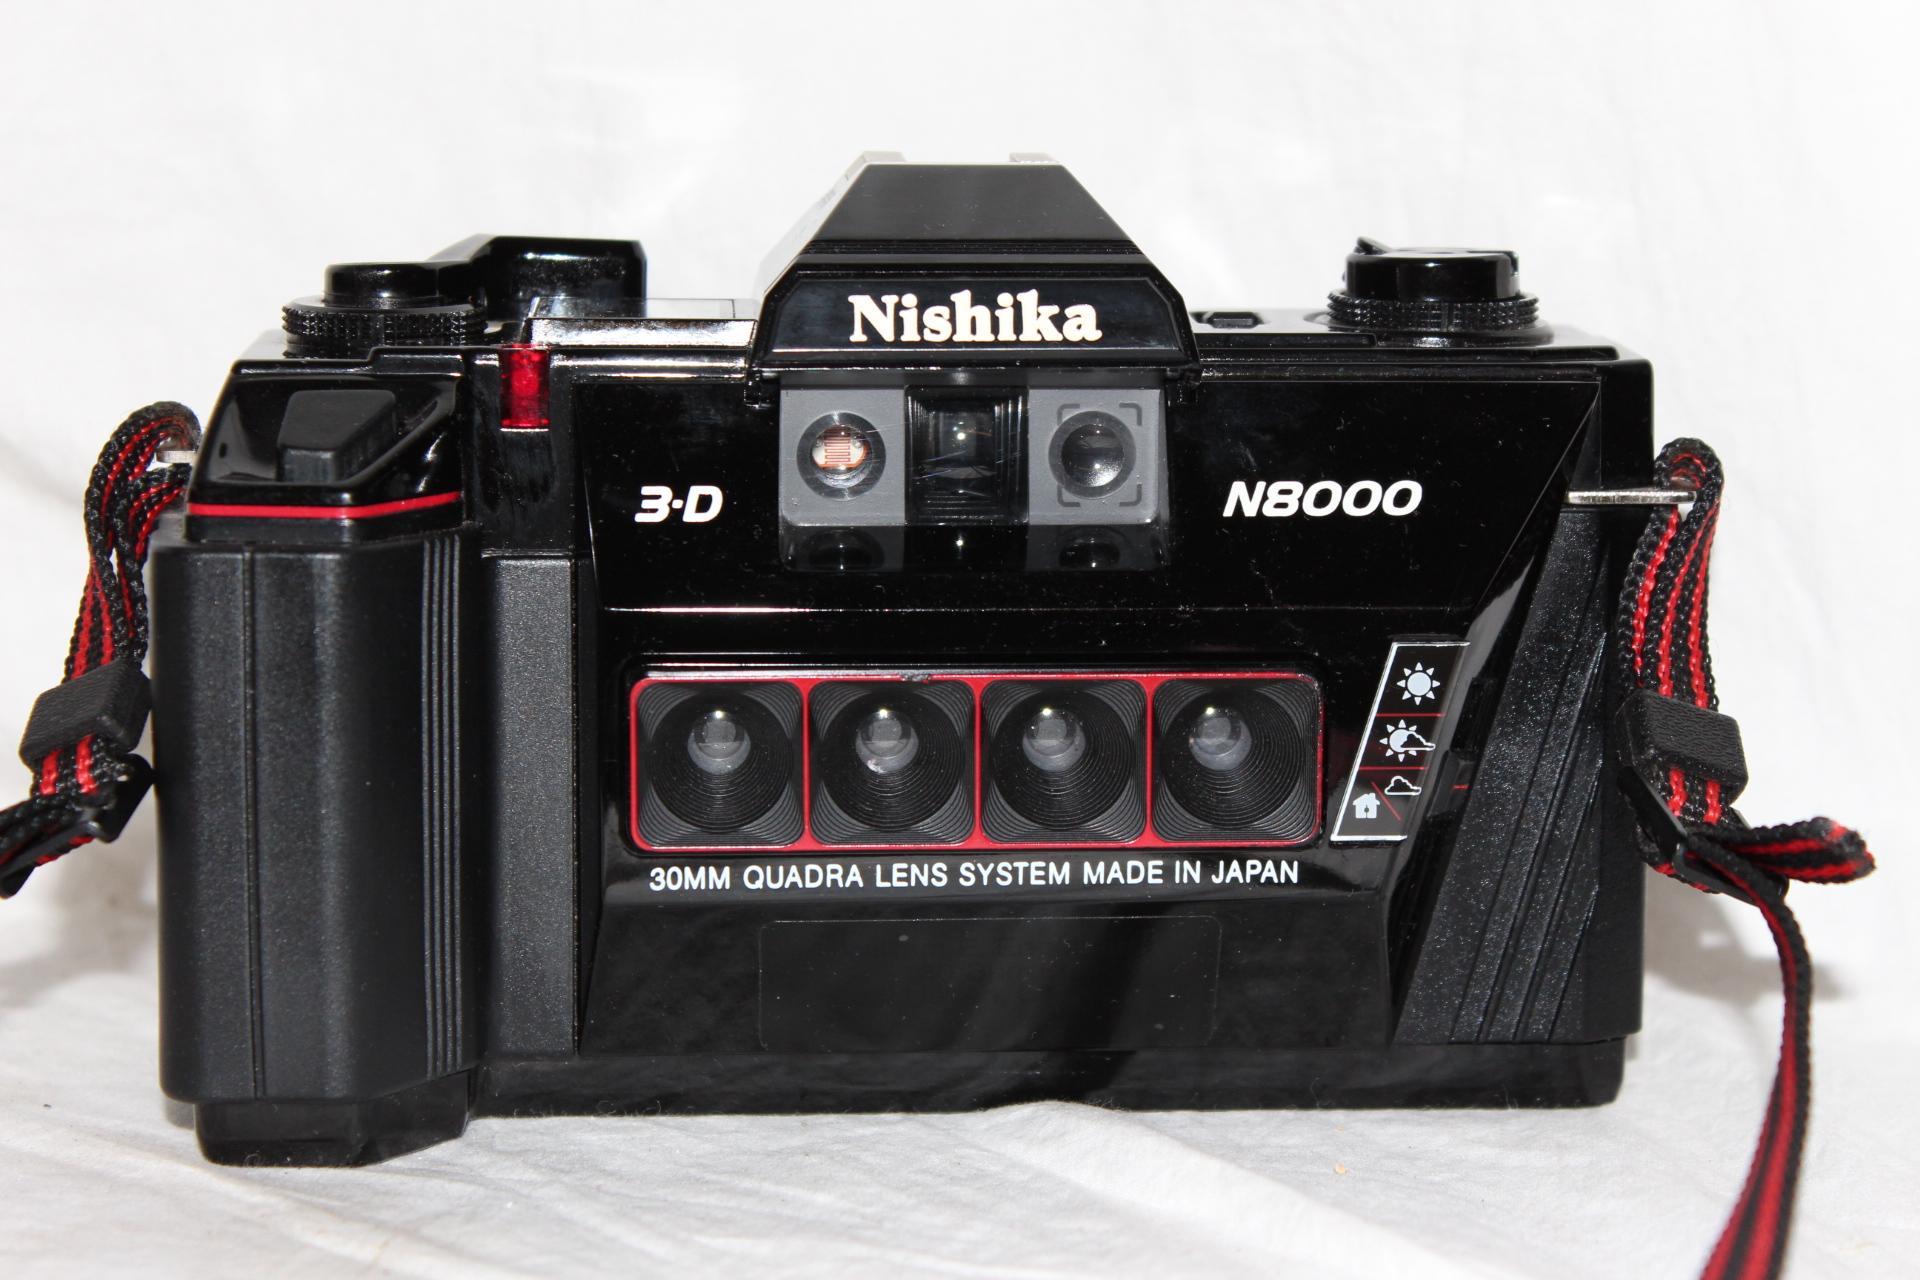 Nishika 3-D N8000